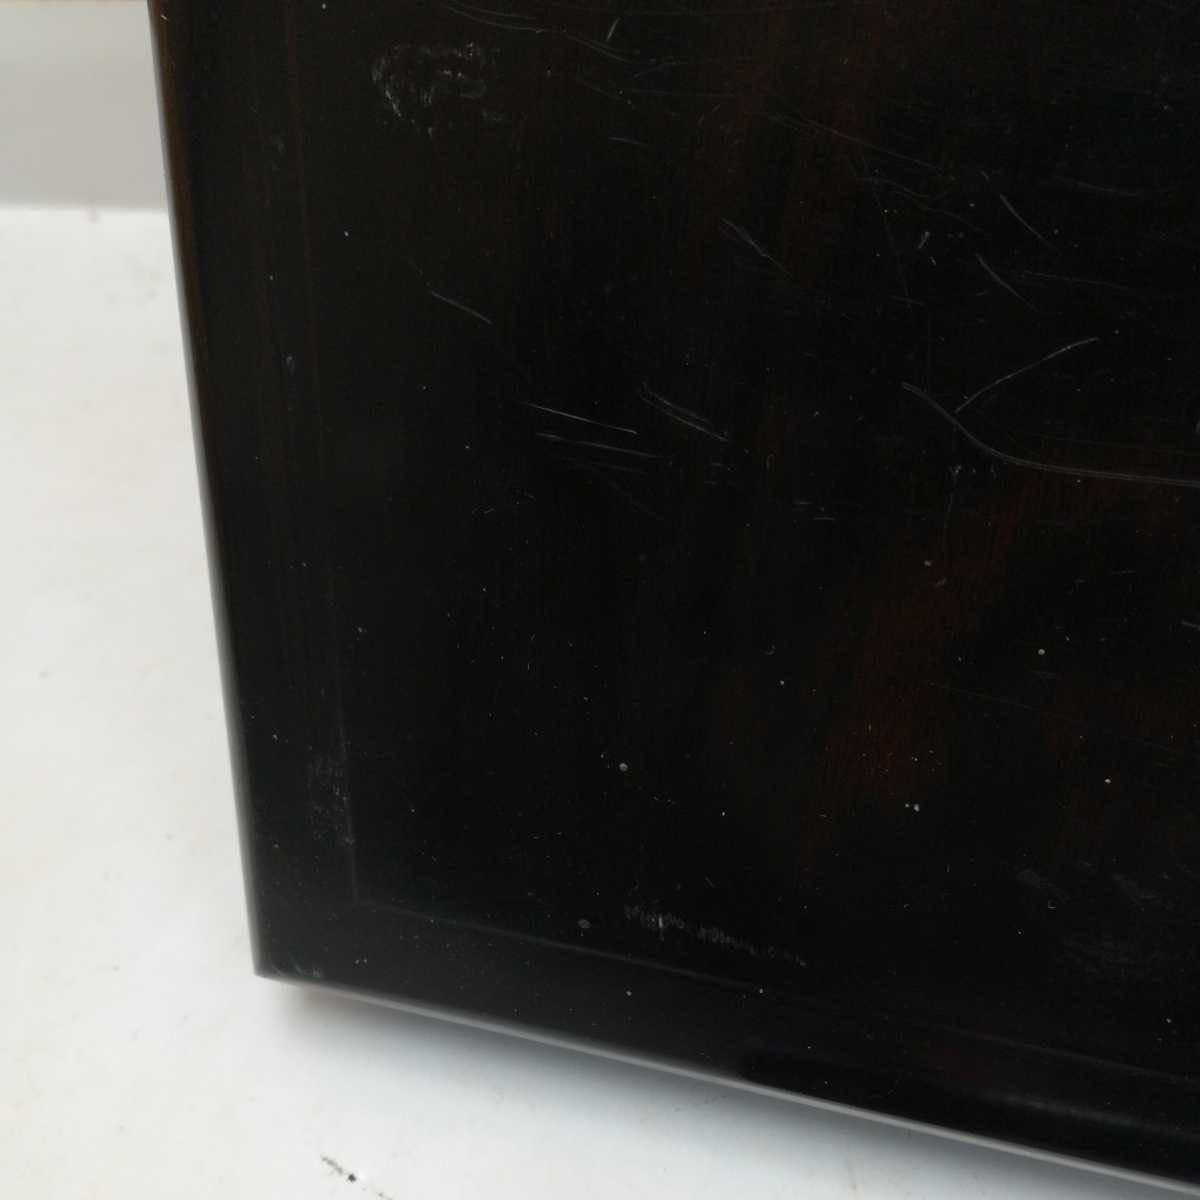 唐木花台 古美術 飾り台 盆栽台 香炉台 華道具 茶道具 骨董美術品 30.8×21×4.2cm_画像5